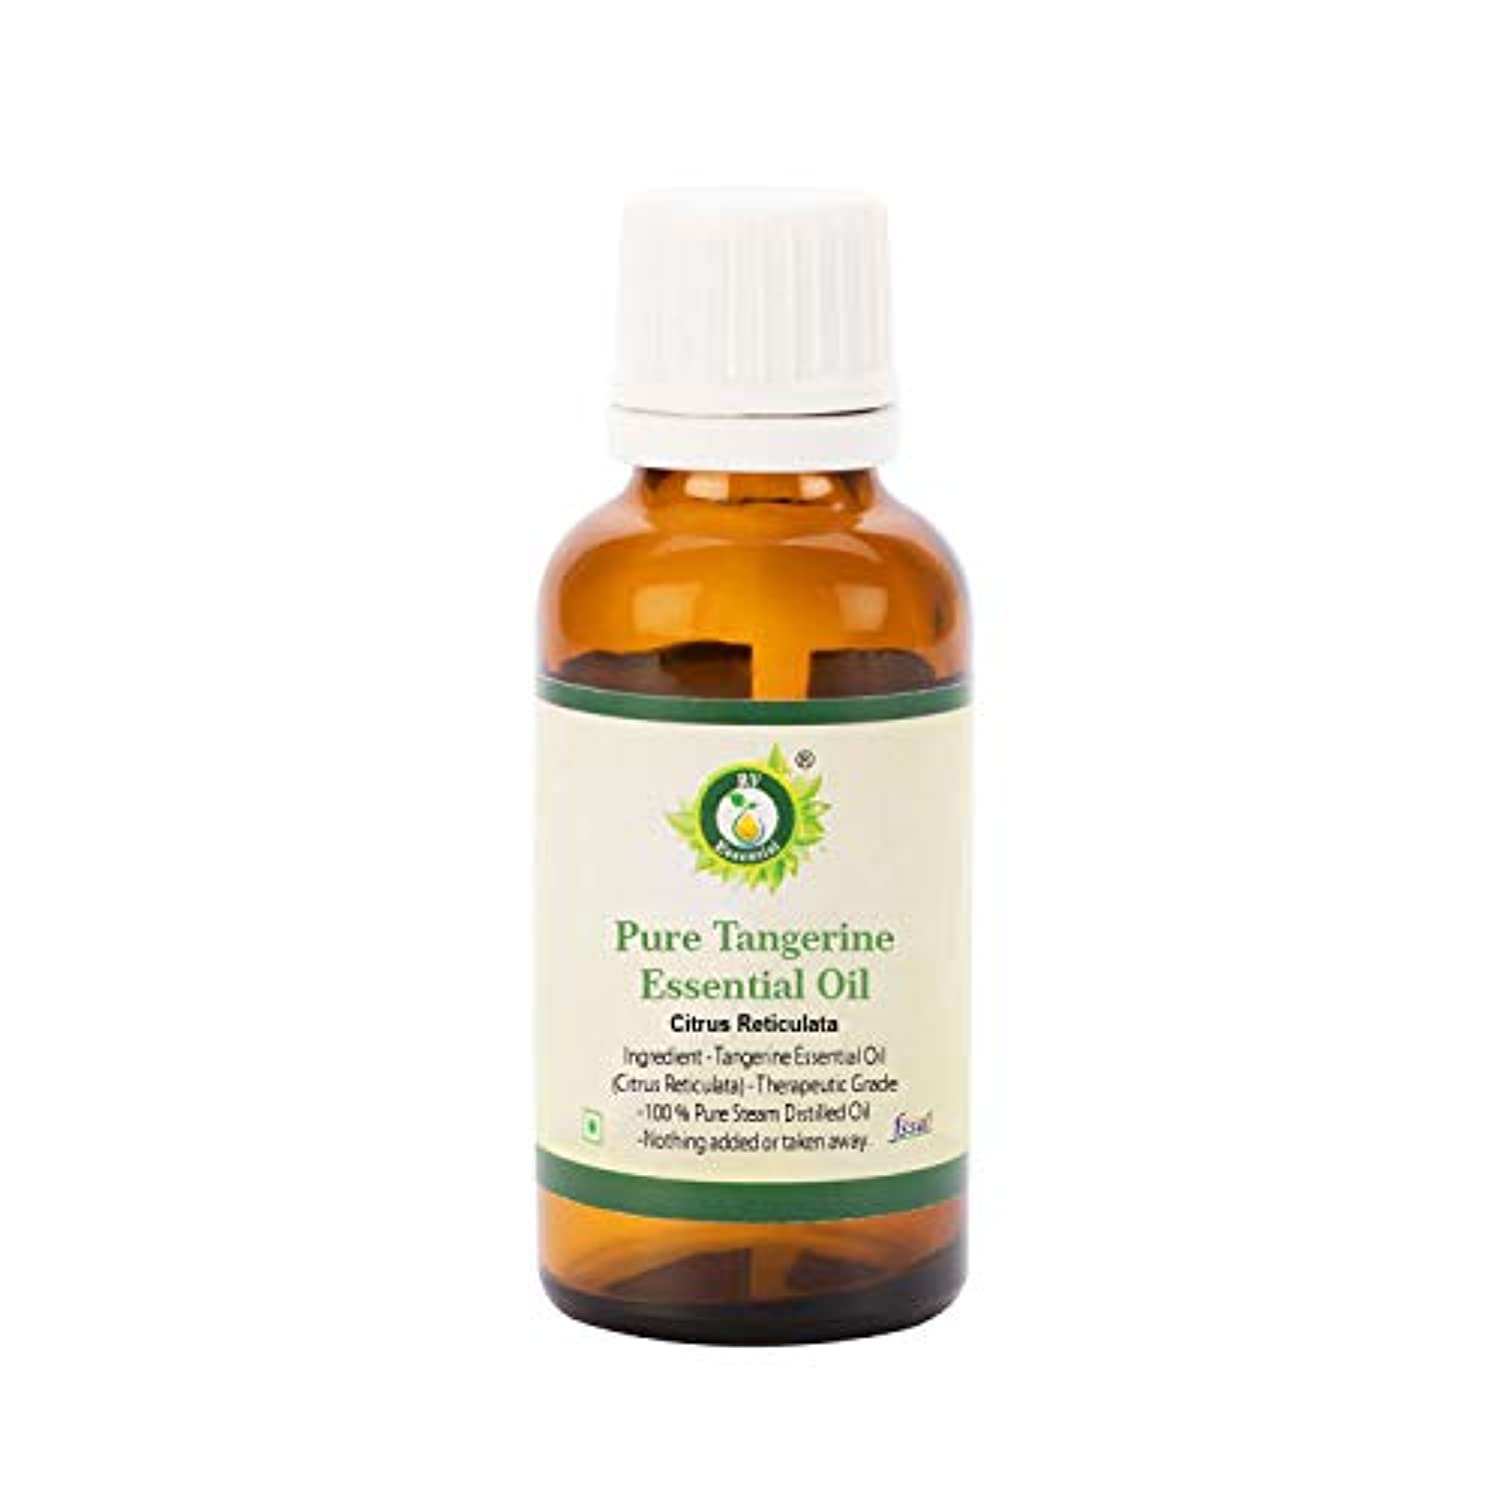 ウイルス割れ目不毛のR V Essential ピュアタンジェリンエッセンシャルオイル50ml (1.69oz)- Citrus Reticulata (100%純粋&天然スチームDistilled) Pure Tangerine Essential...